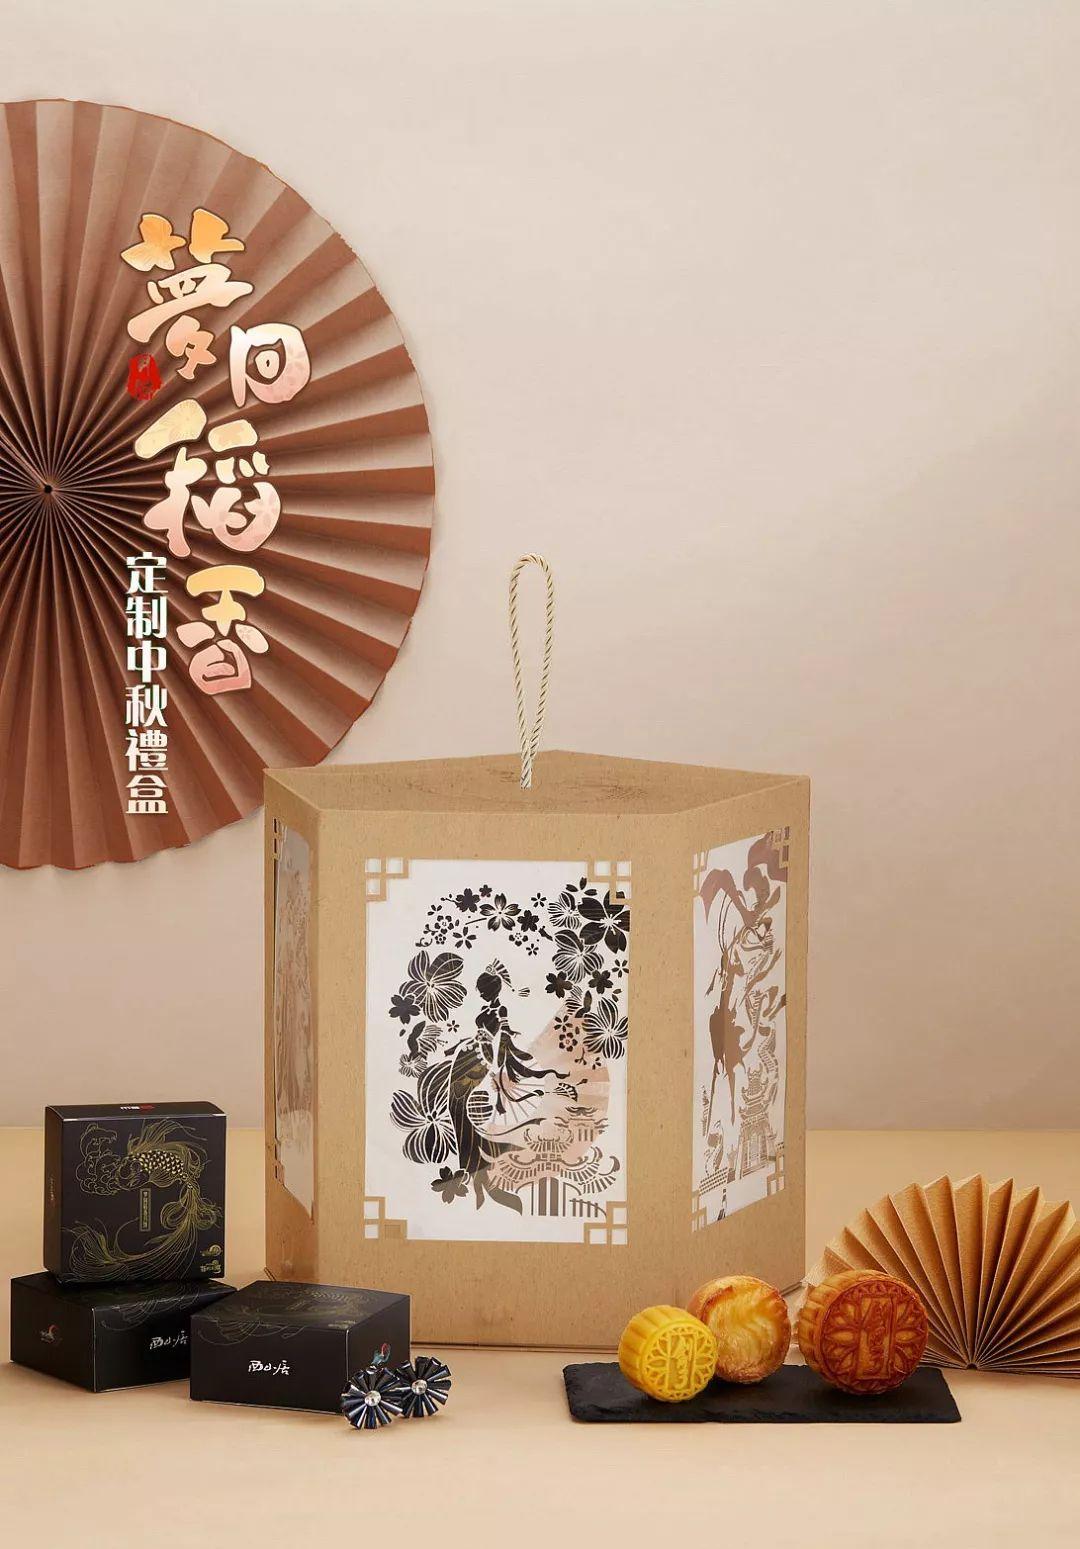 环保包装设计_2019中秋月饼礼盒创意包装设计 - 设计之家